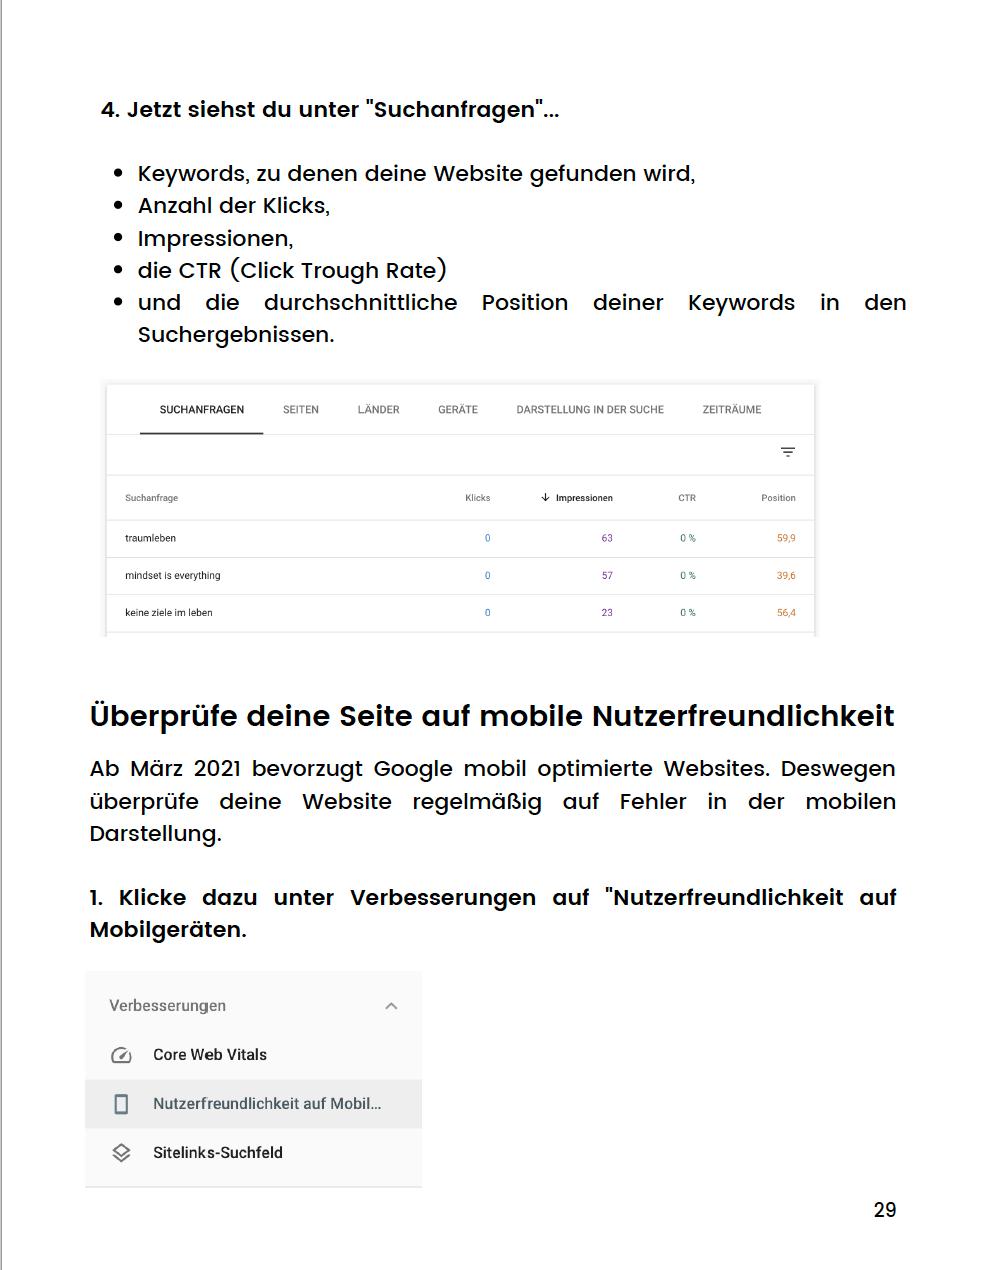 ebook-vorschaubild-4